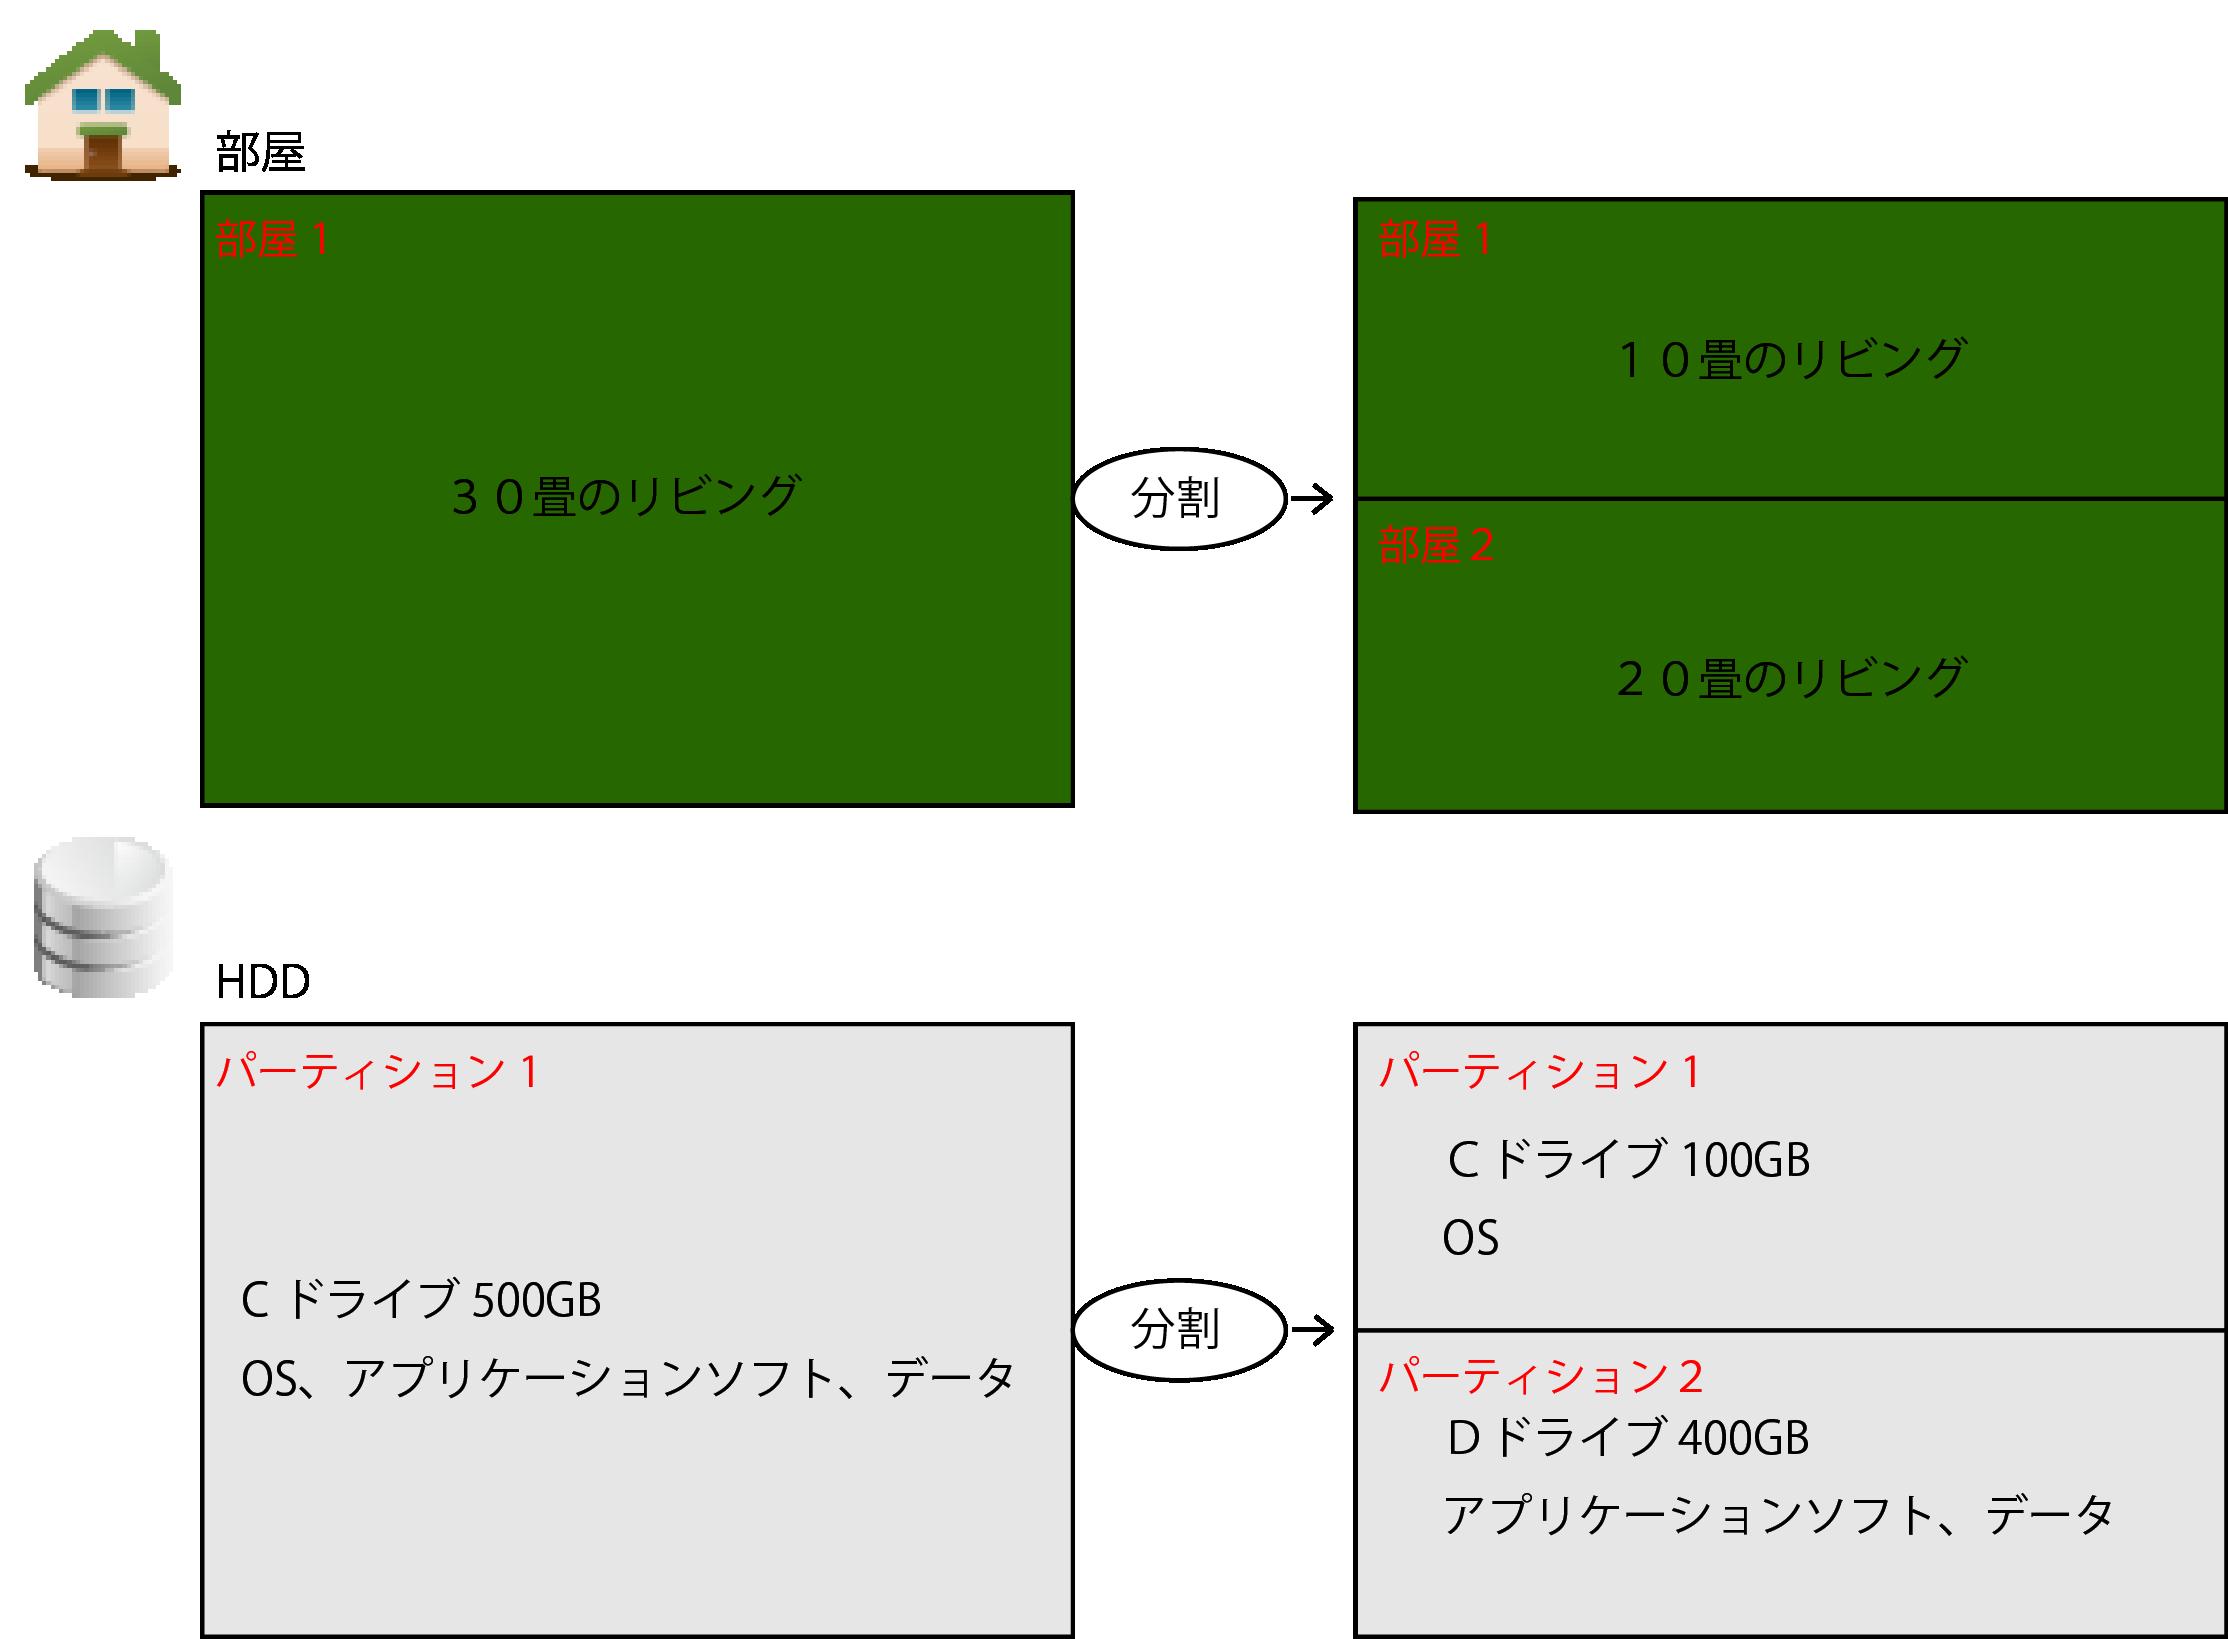 部屋とHDDを比較した図